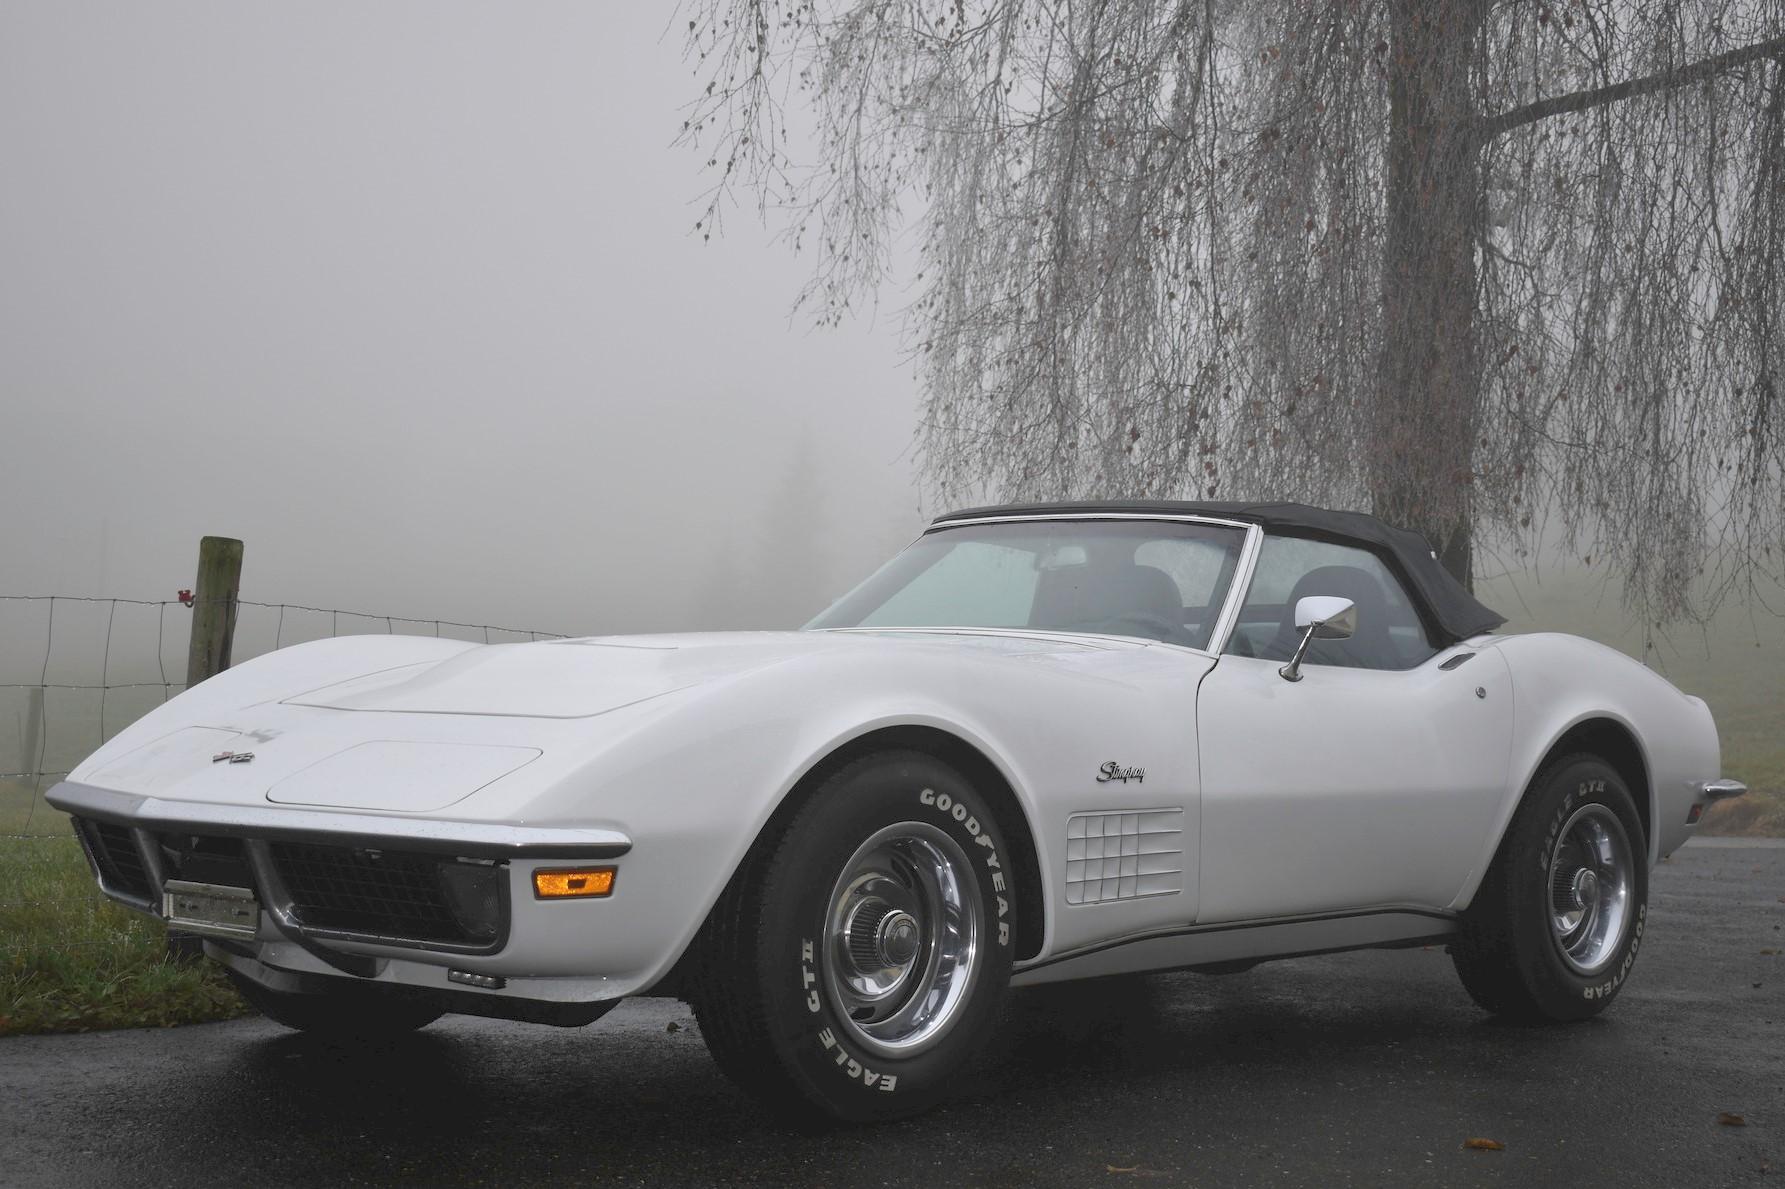 Weisse 1971 Chevrolet Corvette C3 Stingray 350 cu convertible vor nebelverhangener Landschaft